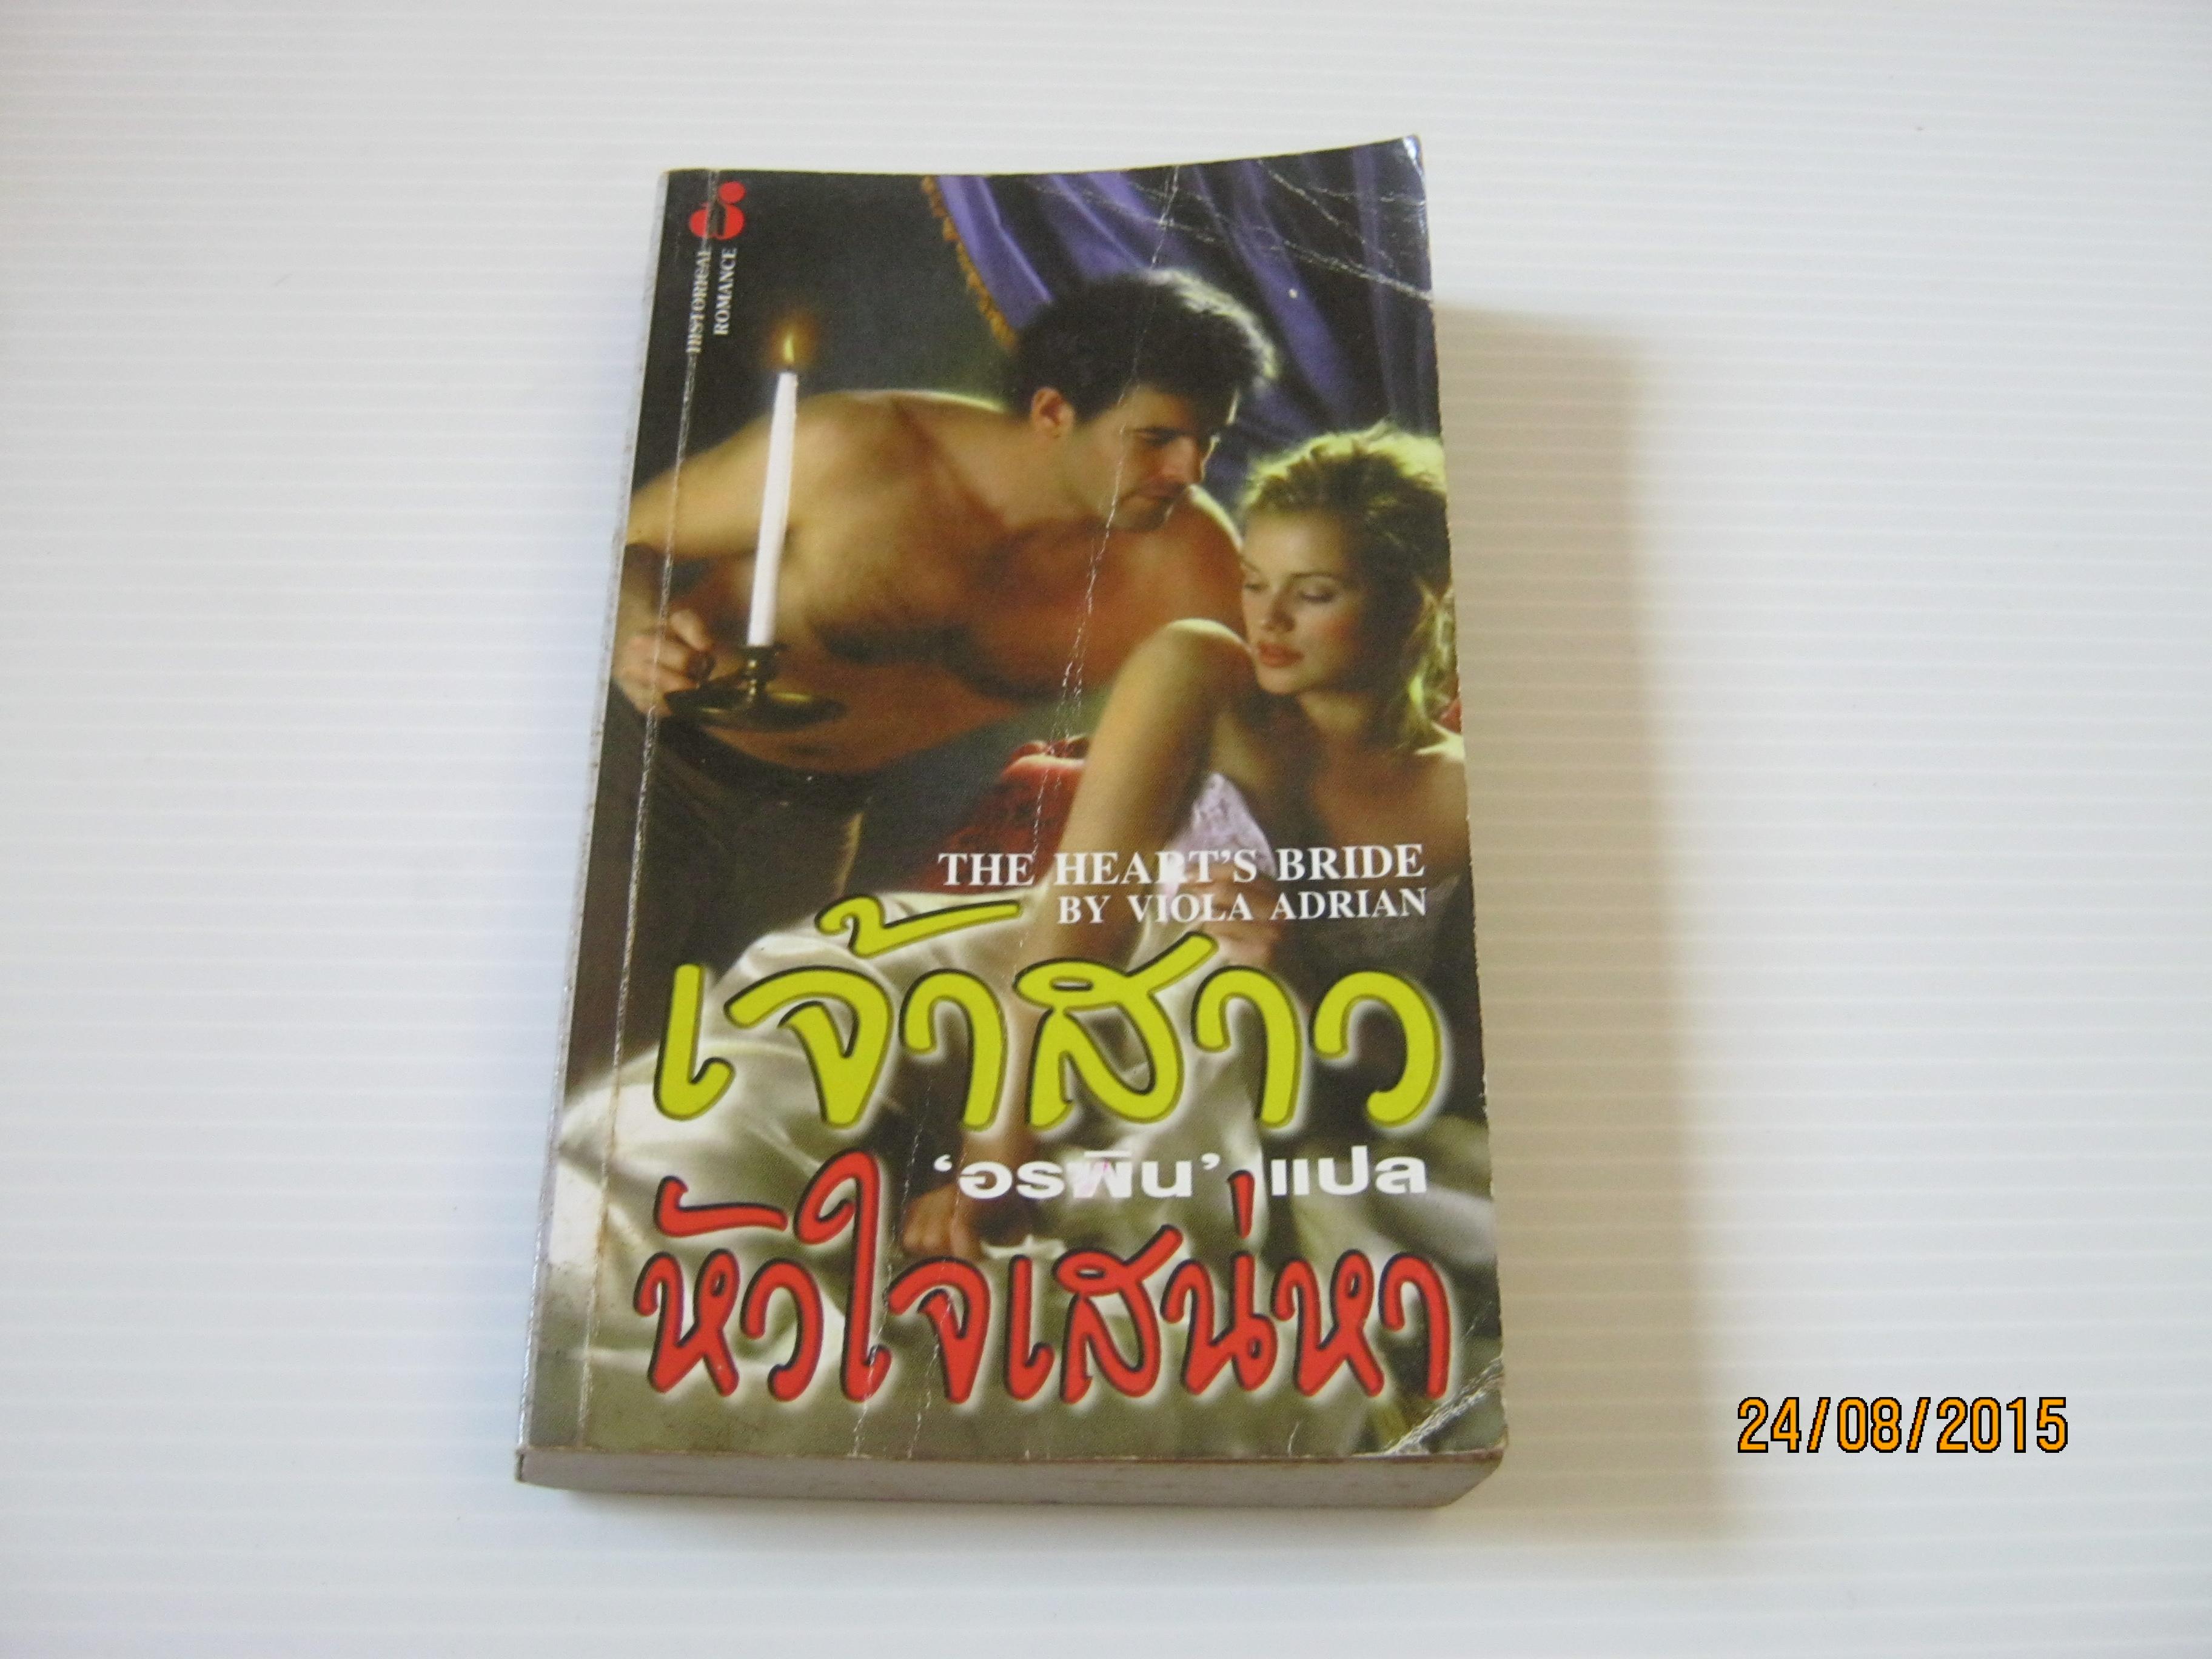 เจ้าสาวหัวใจเสน่หา (The Heart's Bridge) Viola Adrian เขียน อรพิน แปล